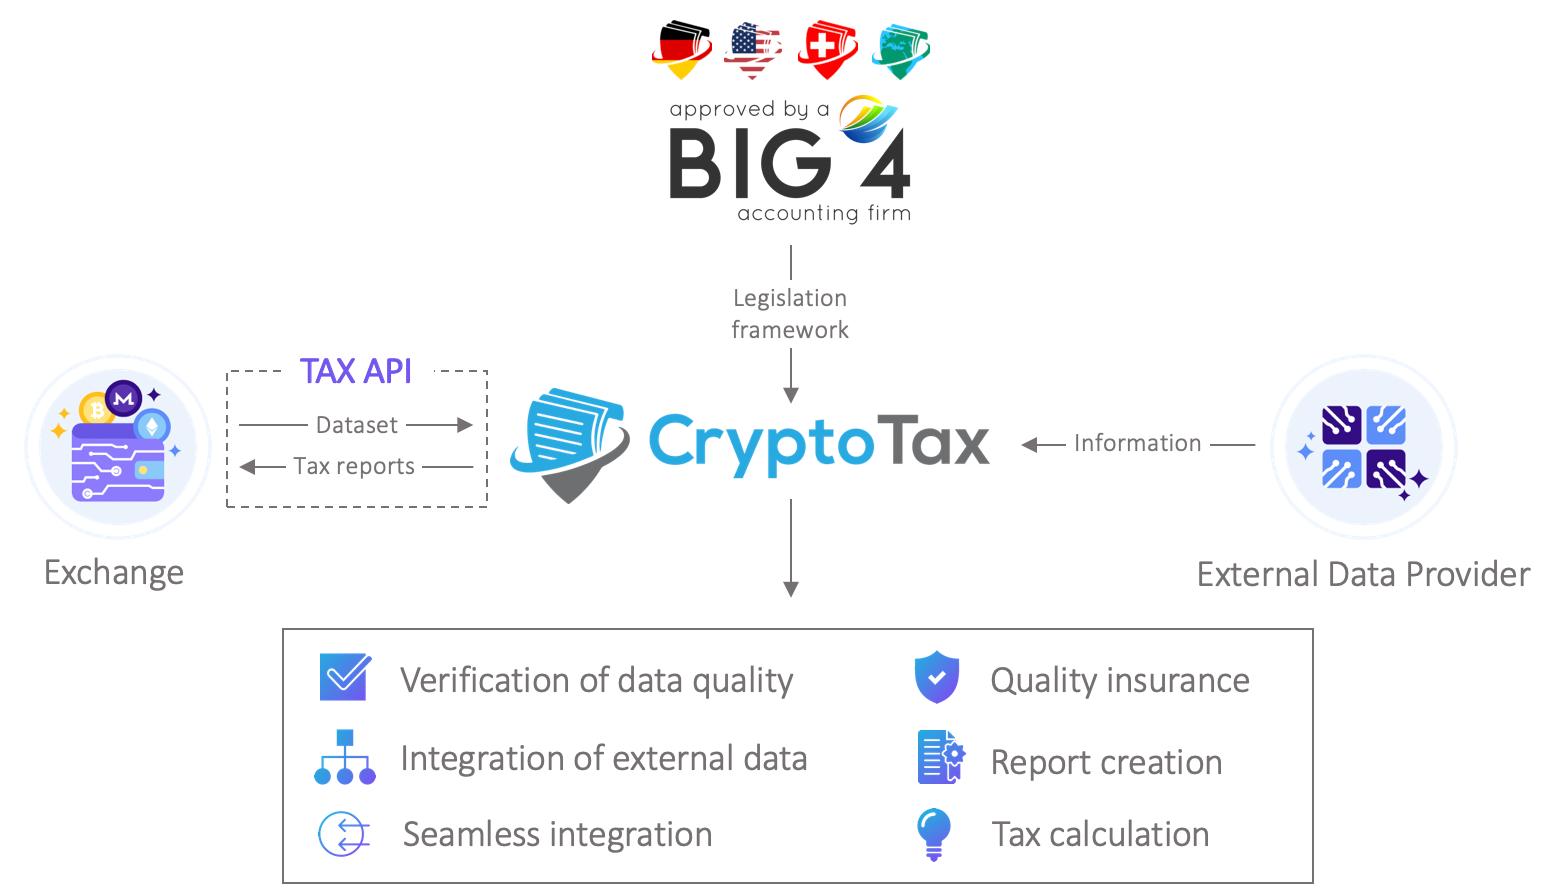 B2B CryptoTax